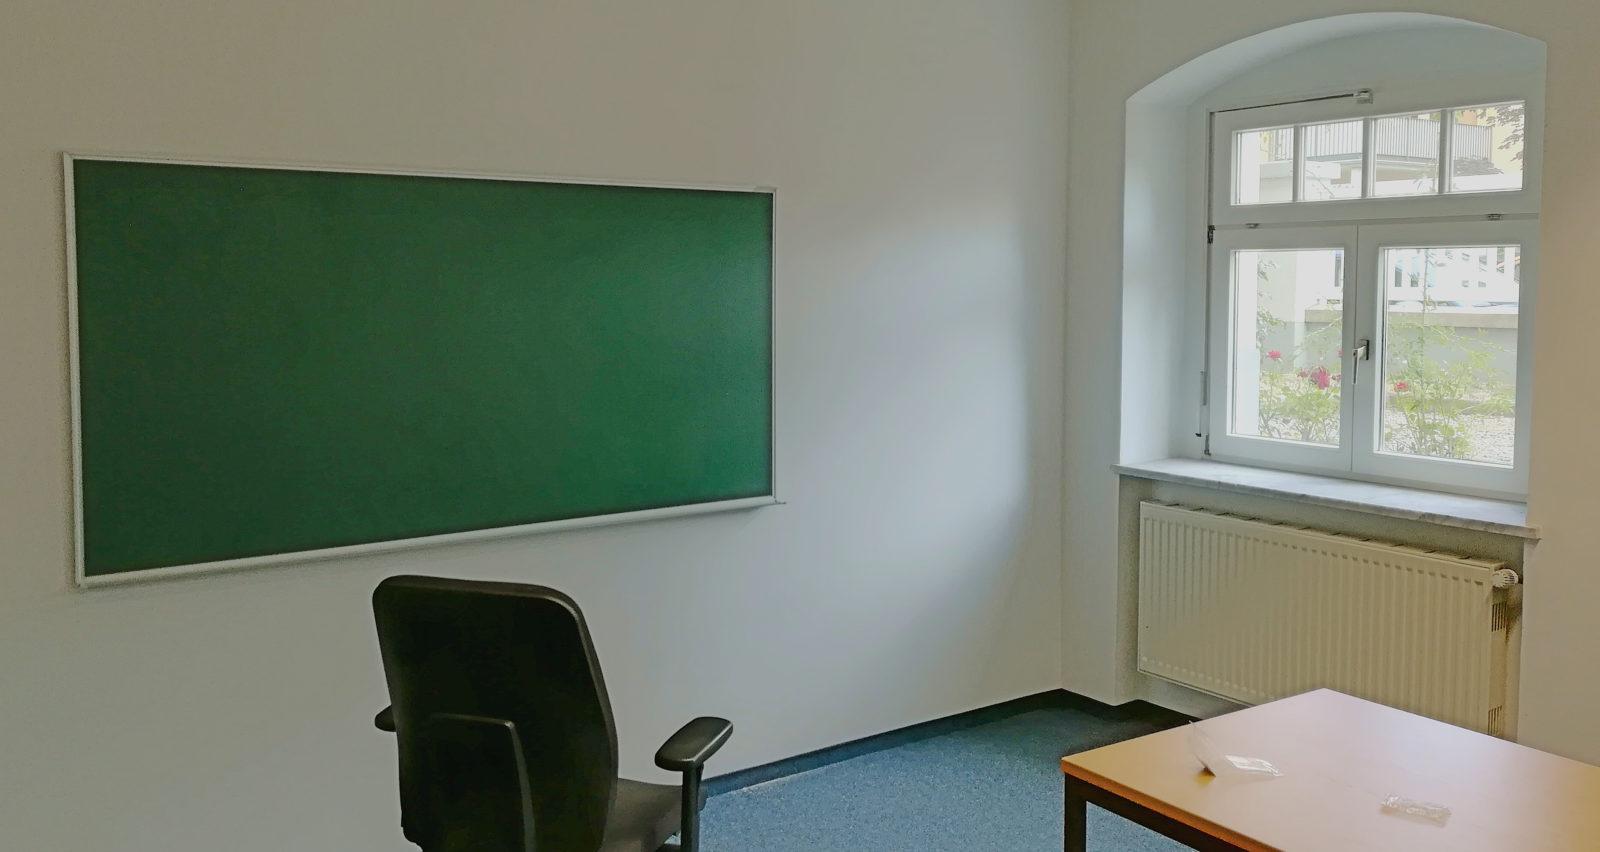 ... mit den Tafeln an der Wand sieht es doch allmählich wie ein Lernraum aus